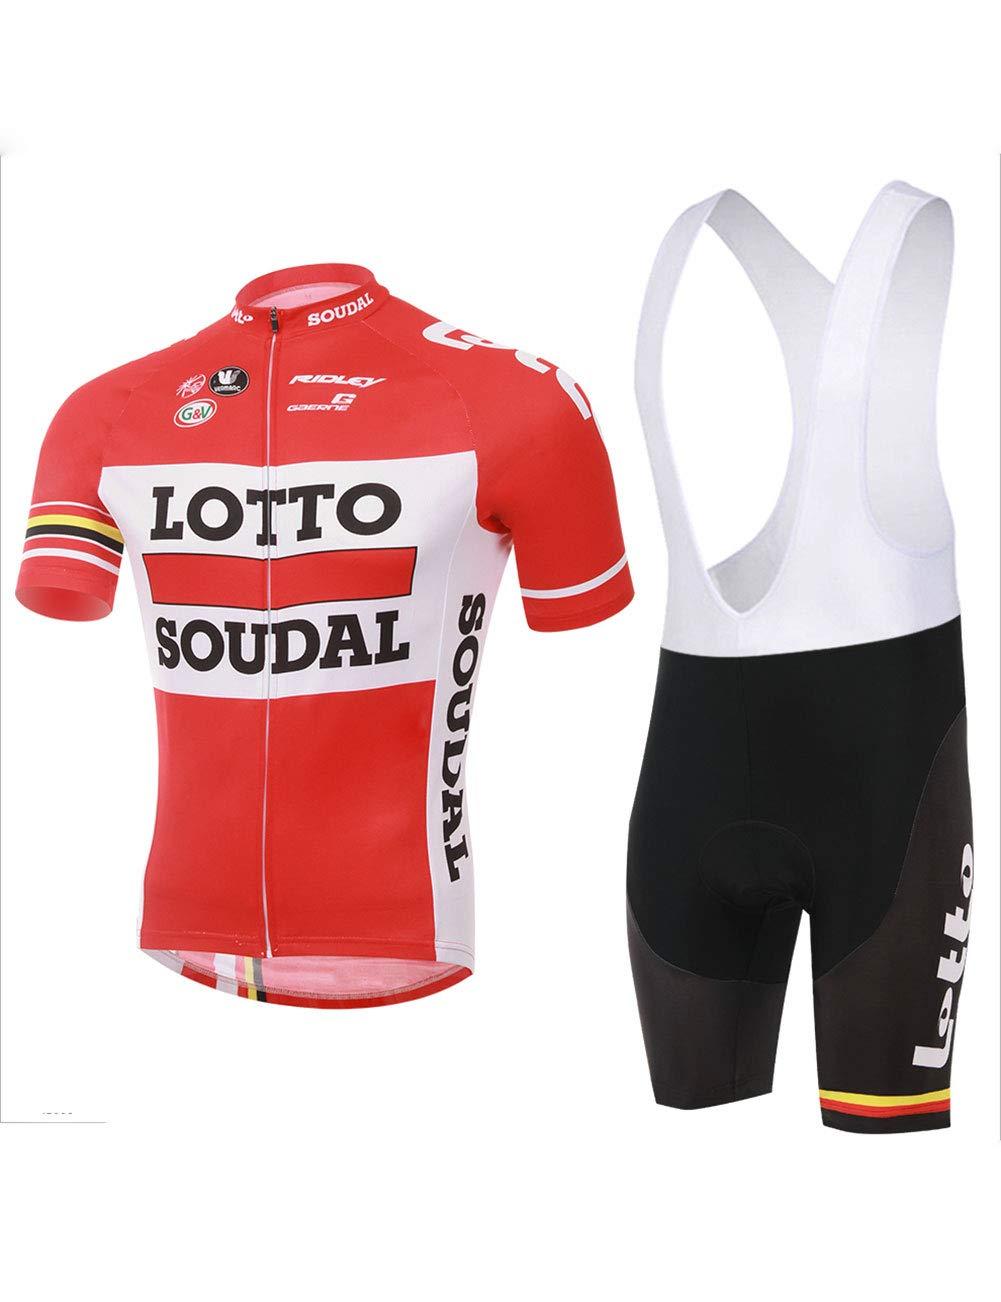 Fonly Rote Männer Und Frauen-Jersey-Sommer Kurzschluss Hülsen Klage Gebirgsfahrrad Kurze Hosen Ausgerüstete Fahrrad Kleidung, Die Jersey Radfahren